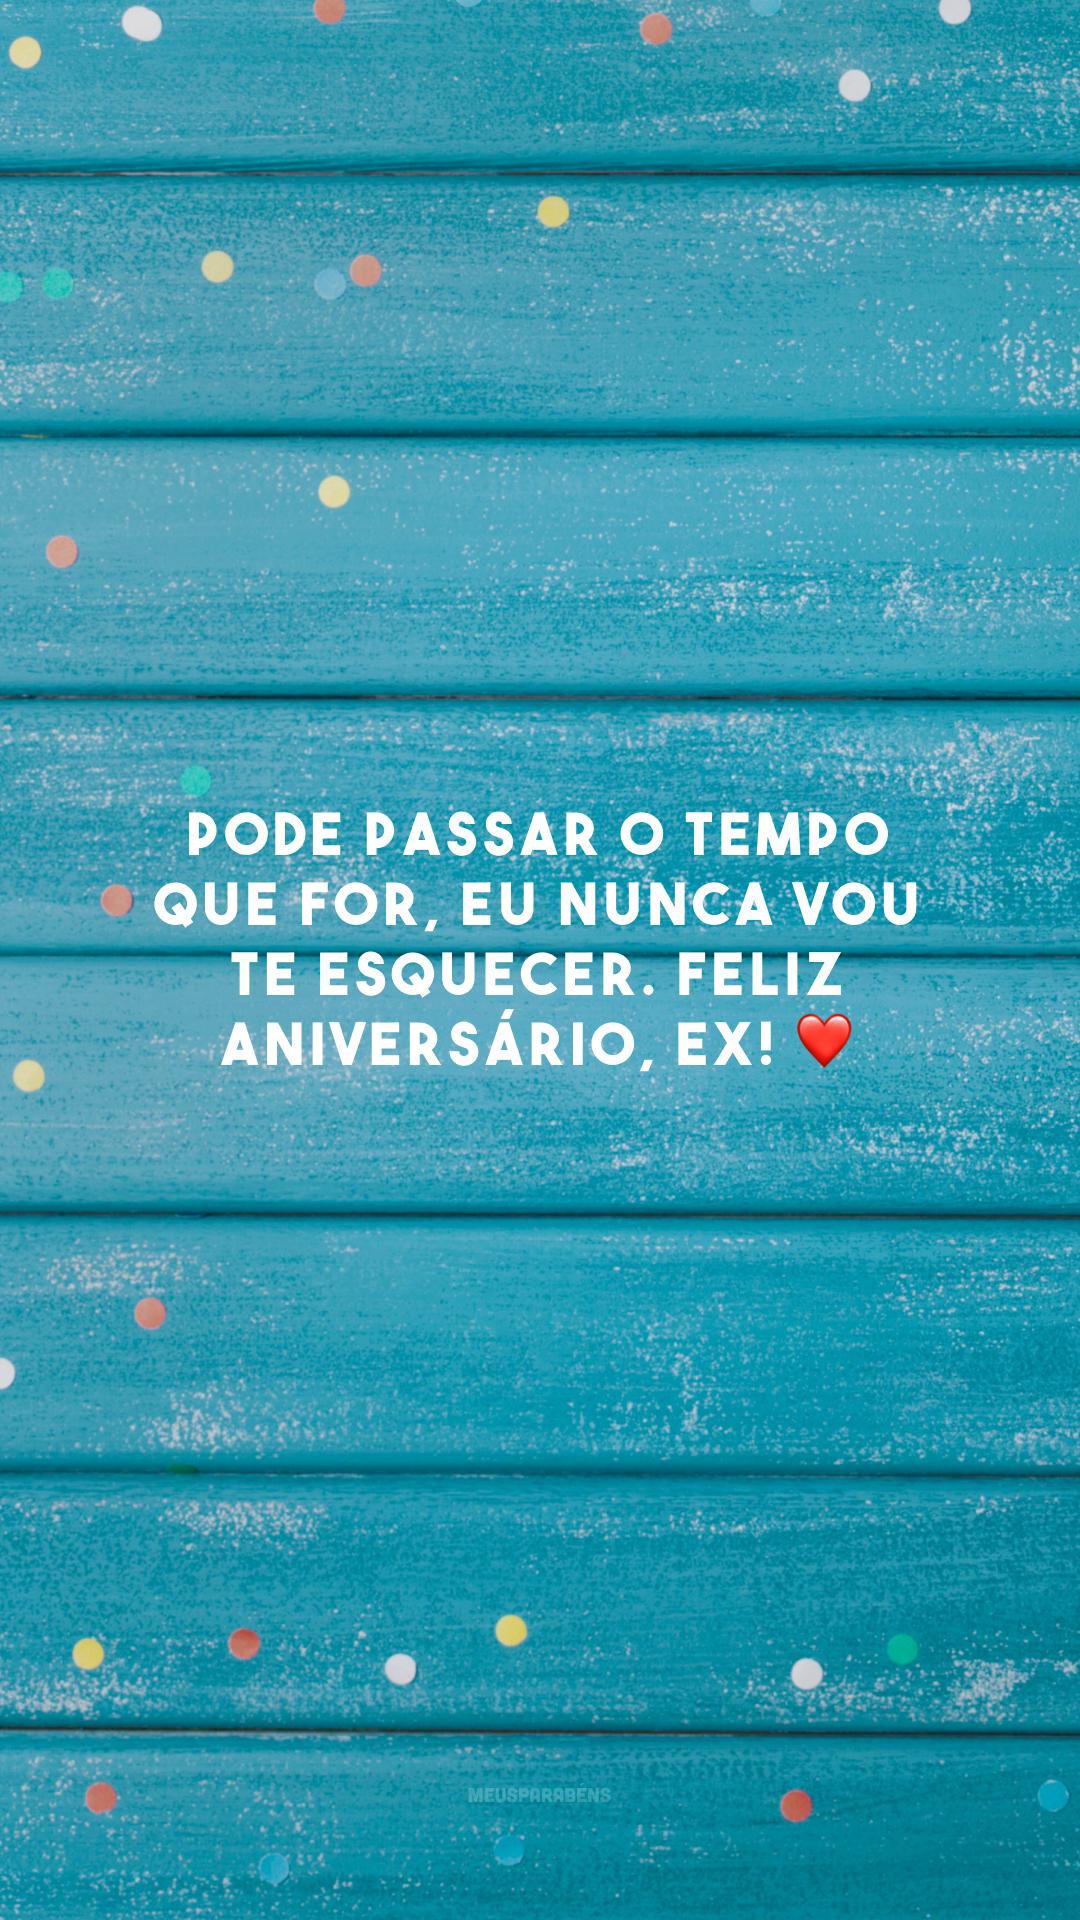 Pode passar o tempo que for, eu nunca vou te esquecer. Feliz aniversário, ex! ❤️